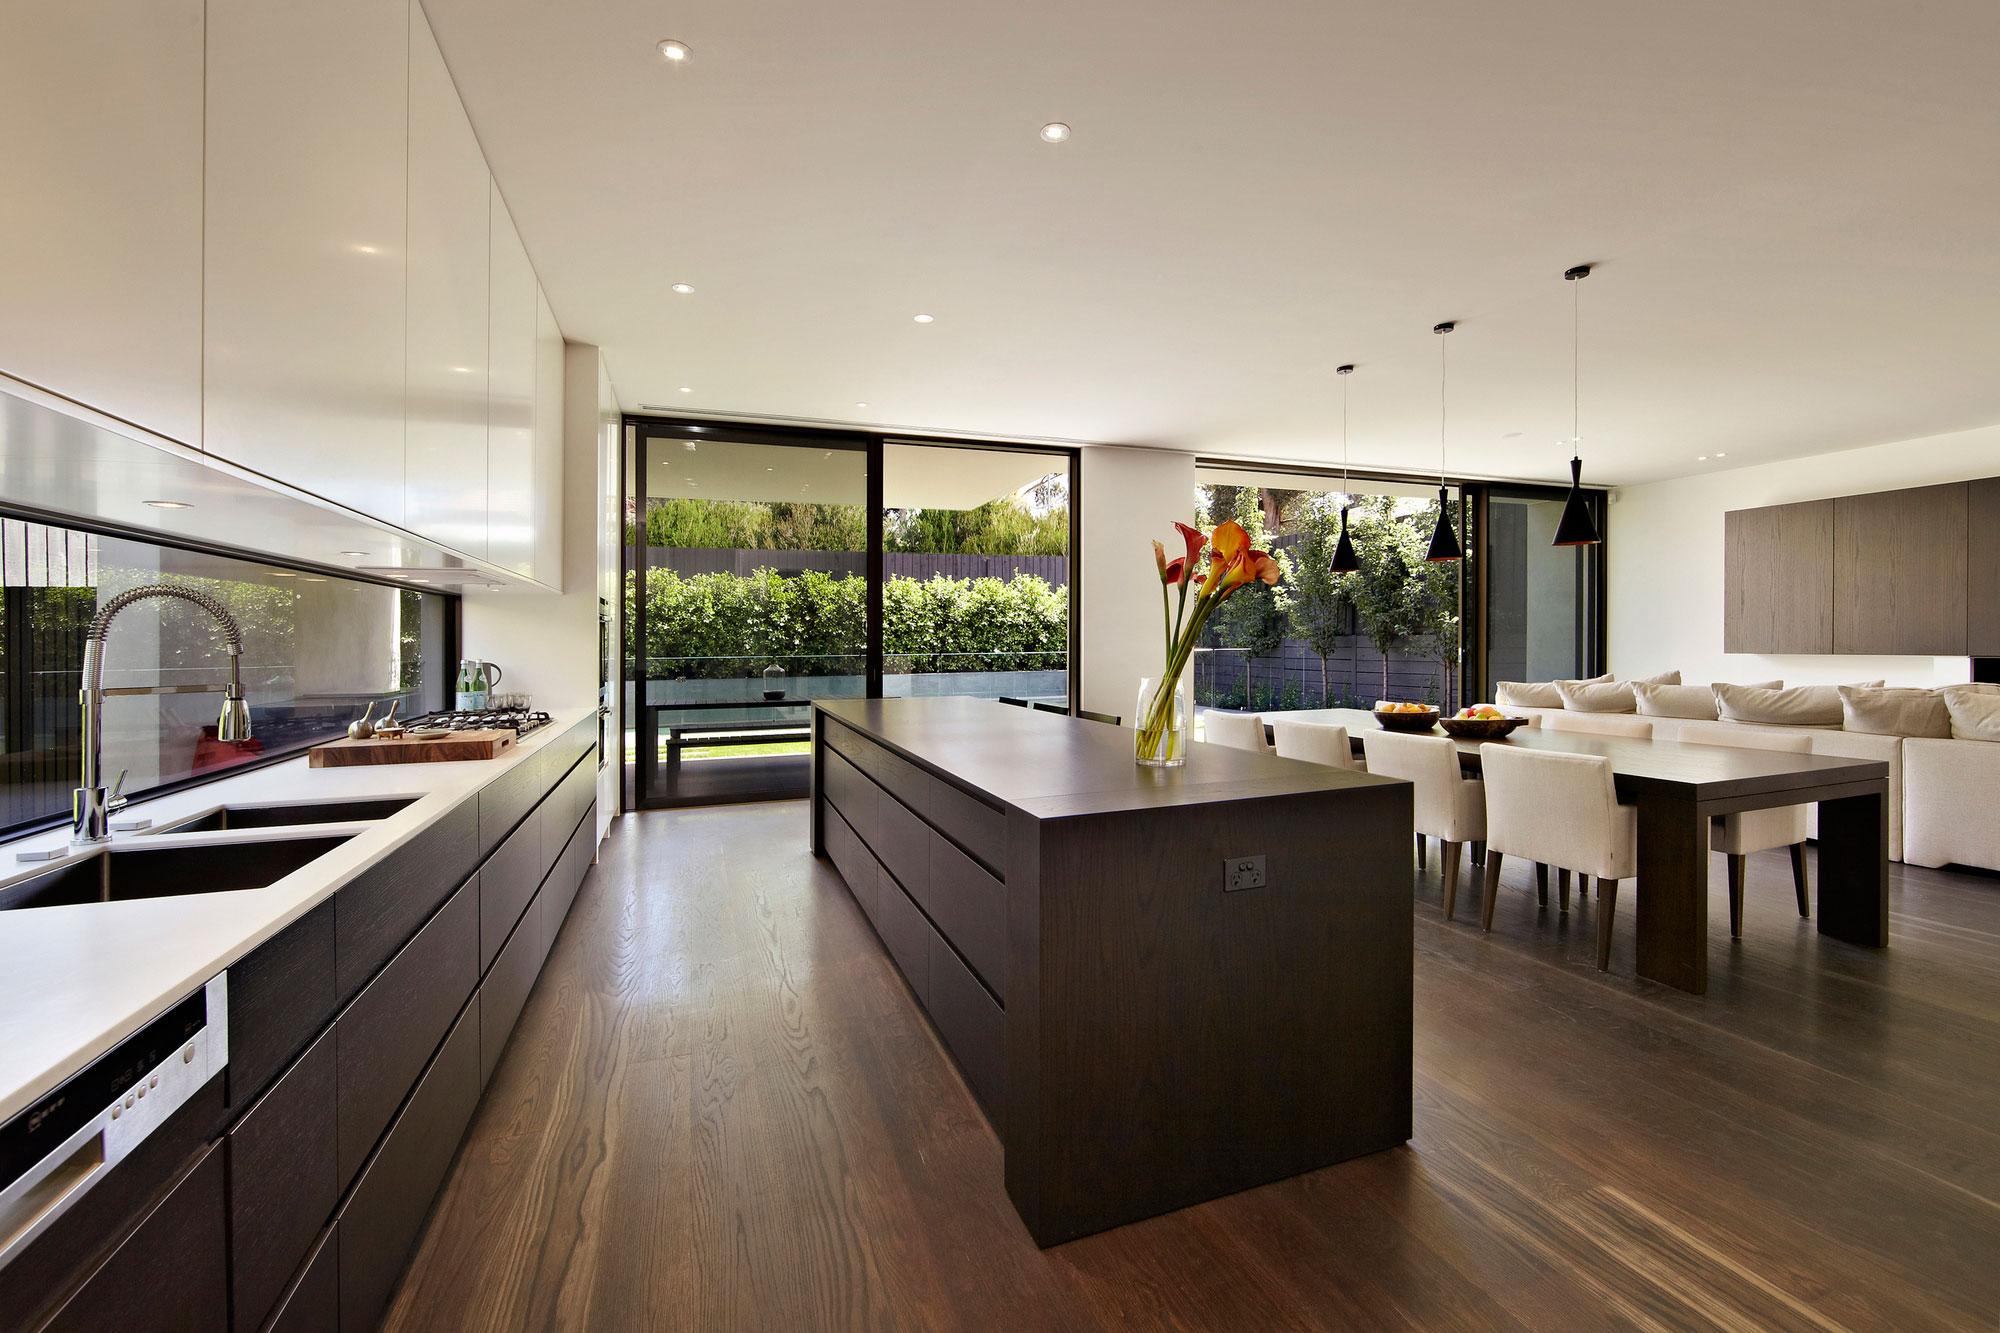 Interieur Maison Moderne Architecte fond d'écran : maison, moderne, design d'intérieur, luxe